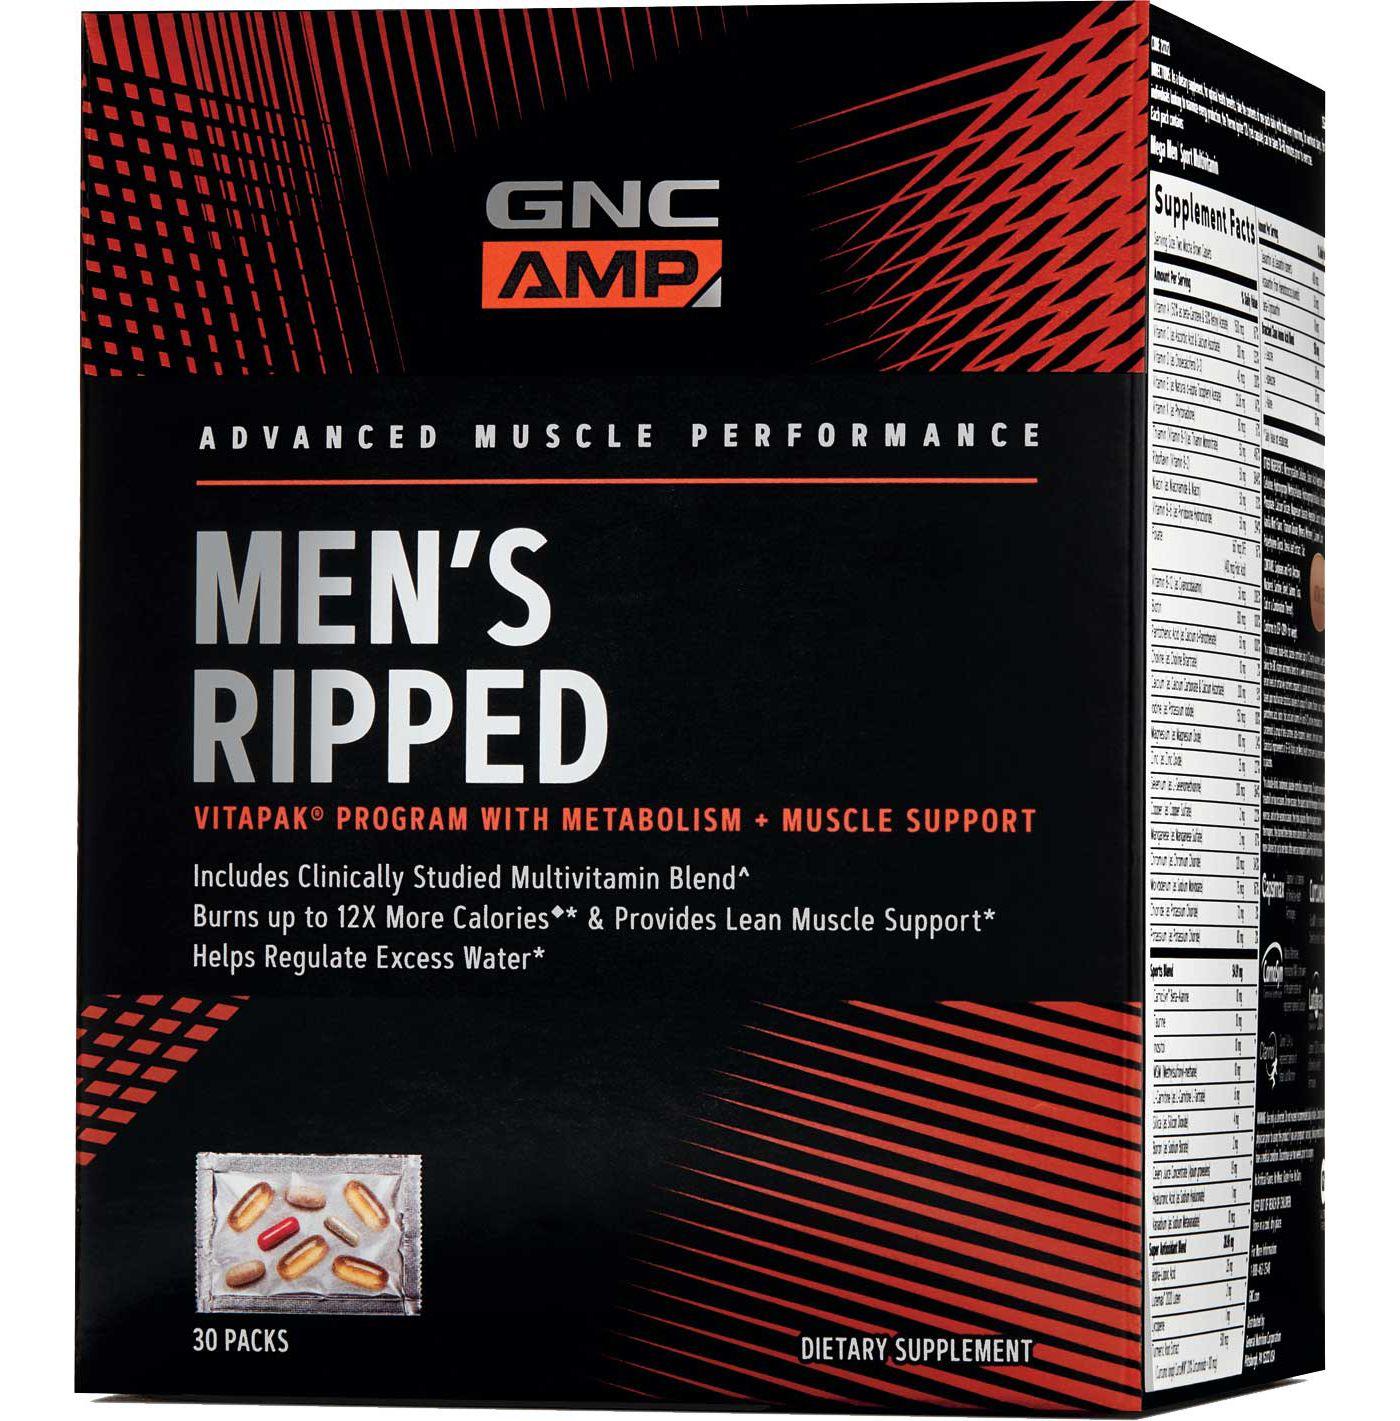 GNC AMP Men's Ripped Vitapak Program